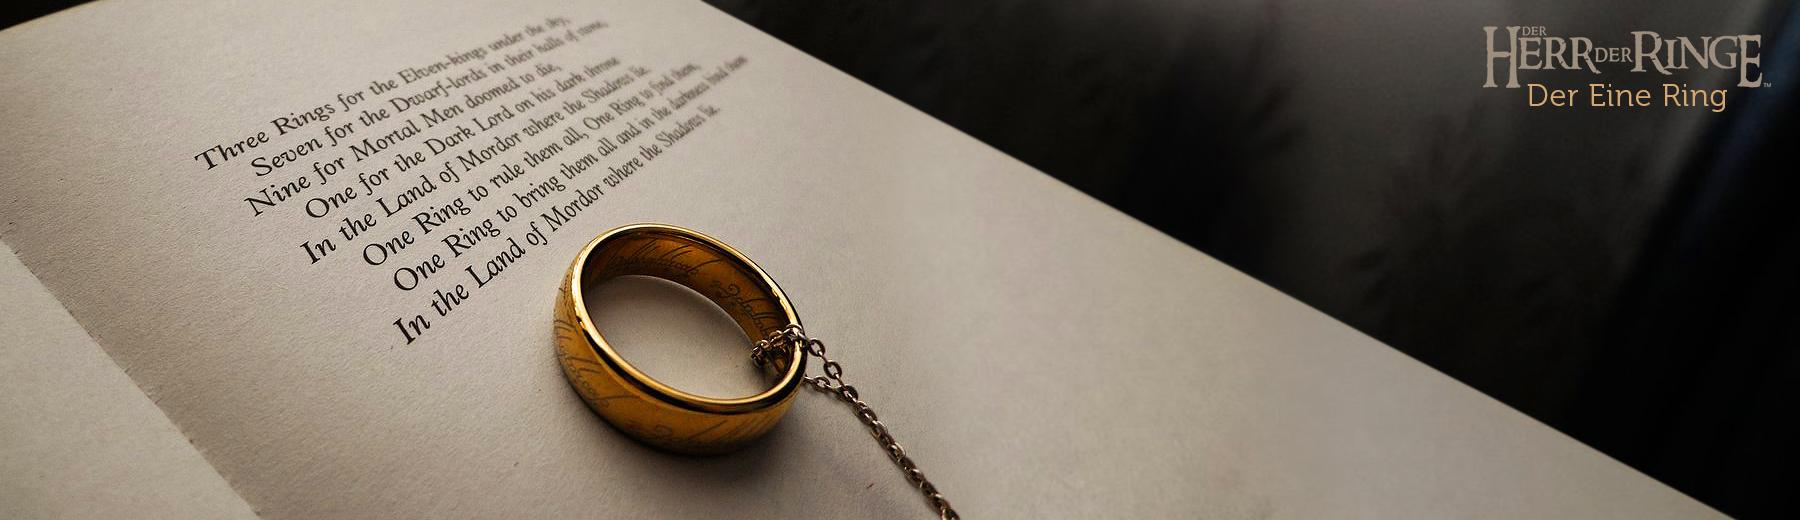 Herr der ringe ring kaufen schweiz